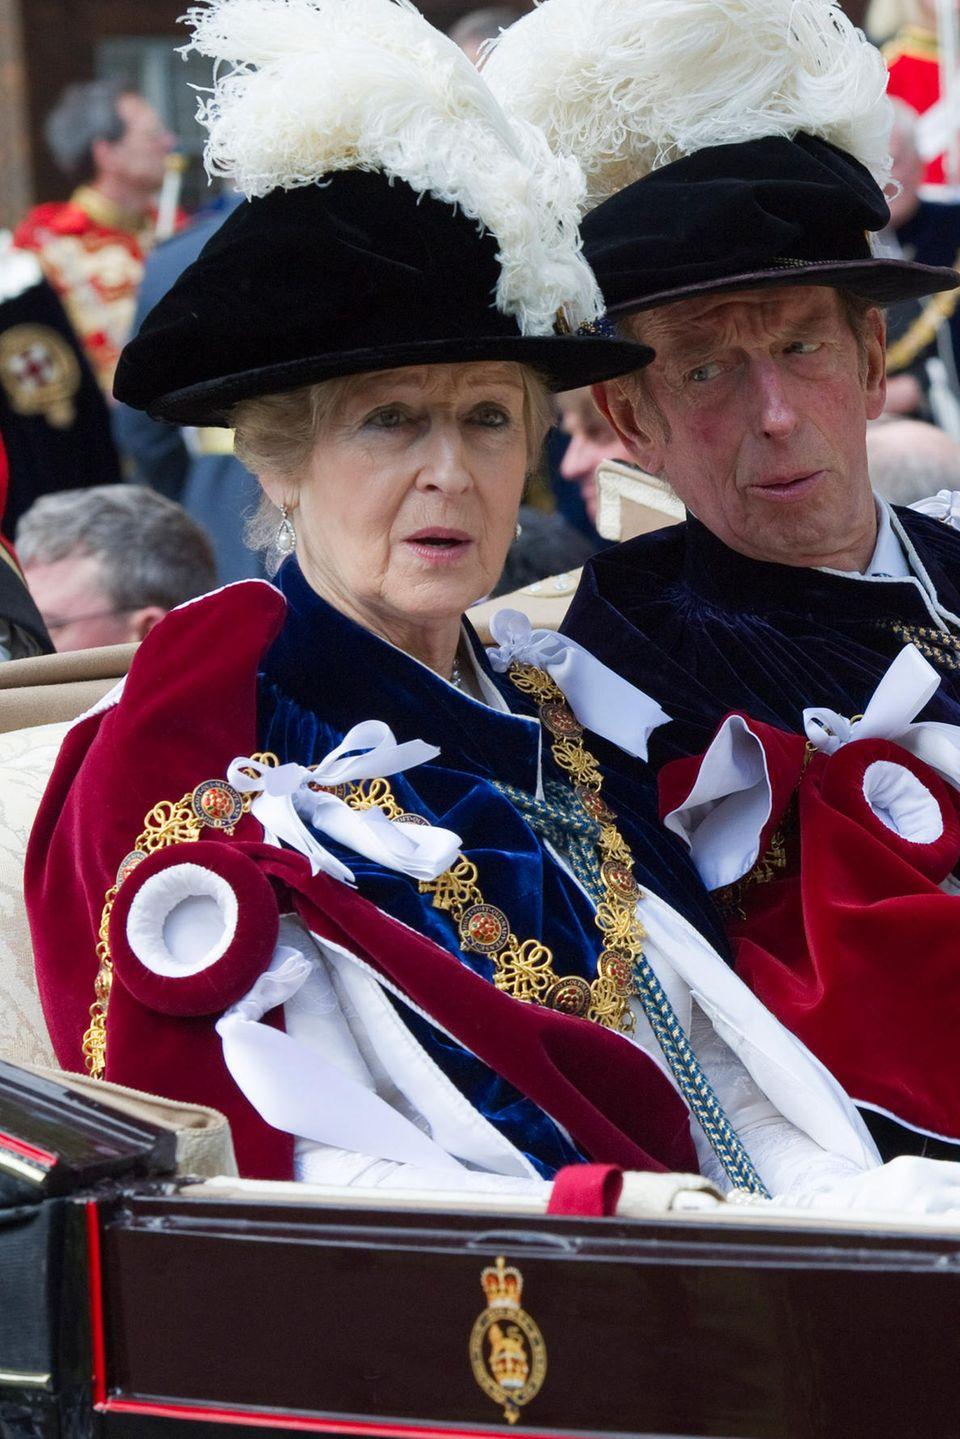 Ritter der Hosenbandordens: Das ist Prinzessin Alexandra in der weiblichen Form (Dame), ihr Bruder Edward, der Herzog von Kent, ist klassischer Ritter. Der wichtigste Orden des Königsreichs. Und jedes Jahr ein großer Spektakel, wenn die ausstaffierten Herrschaften sich inder Kapelle von Schloss Windsor versammeln.